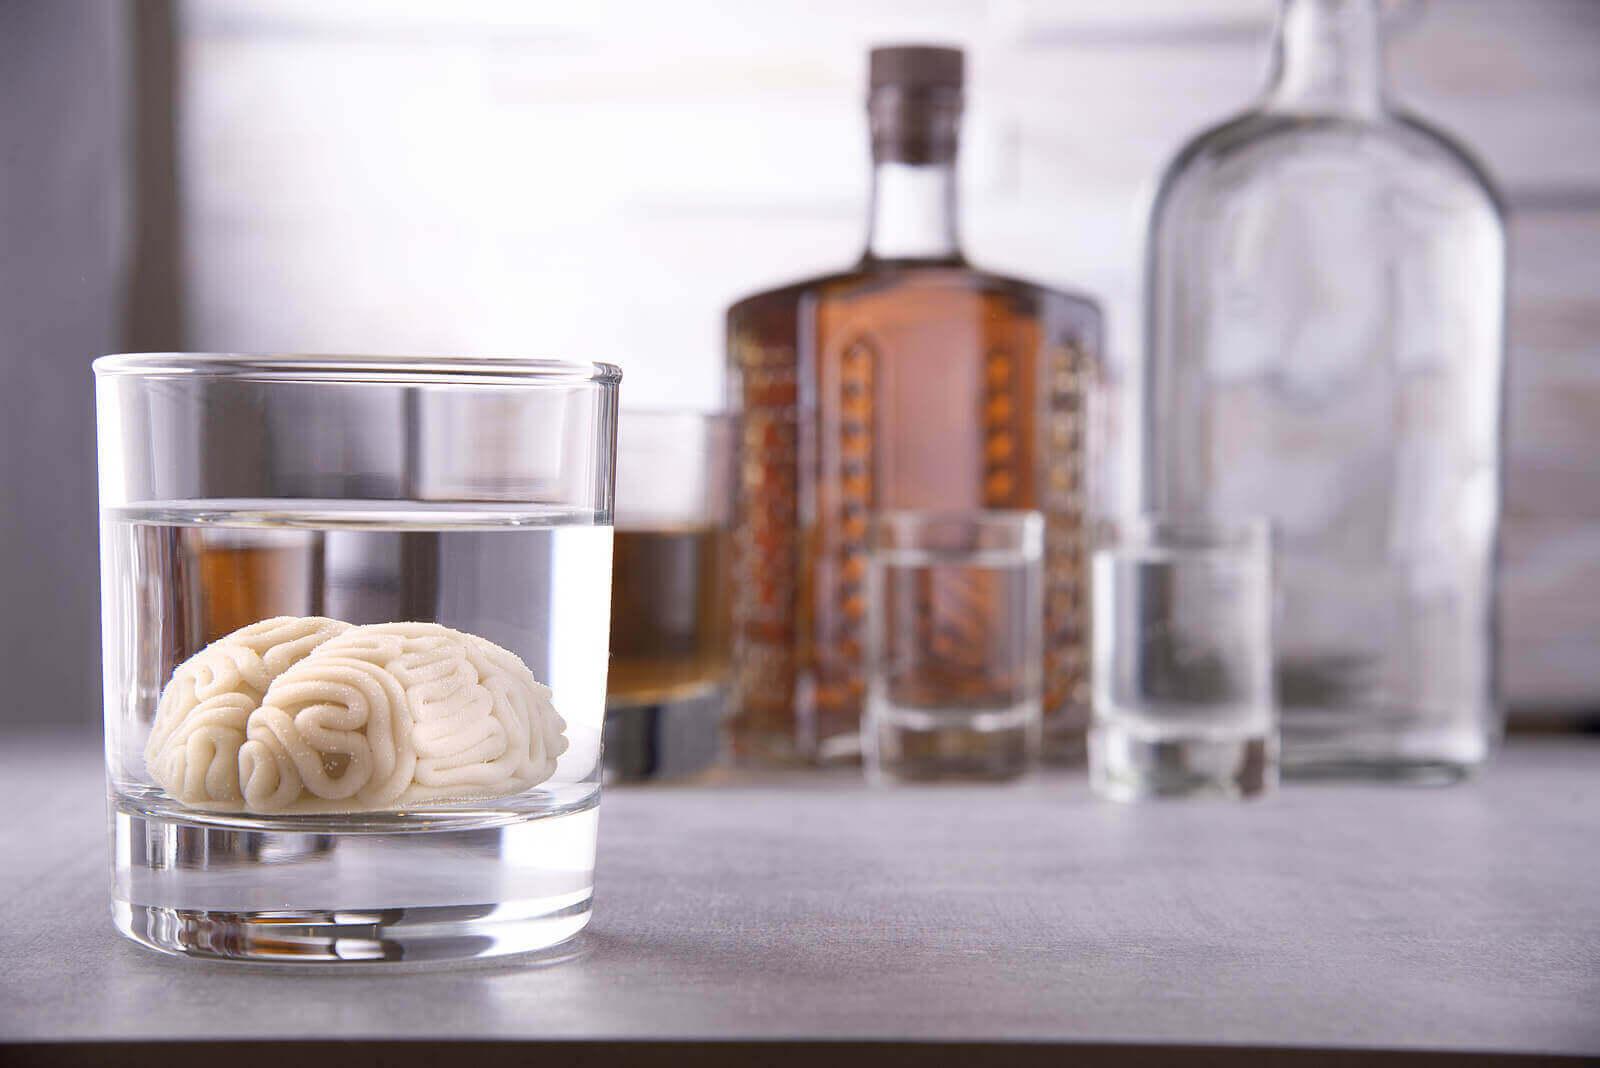 alkol şişeleri ve bir bardak alkole yatırılmış beyin